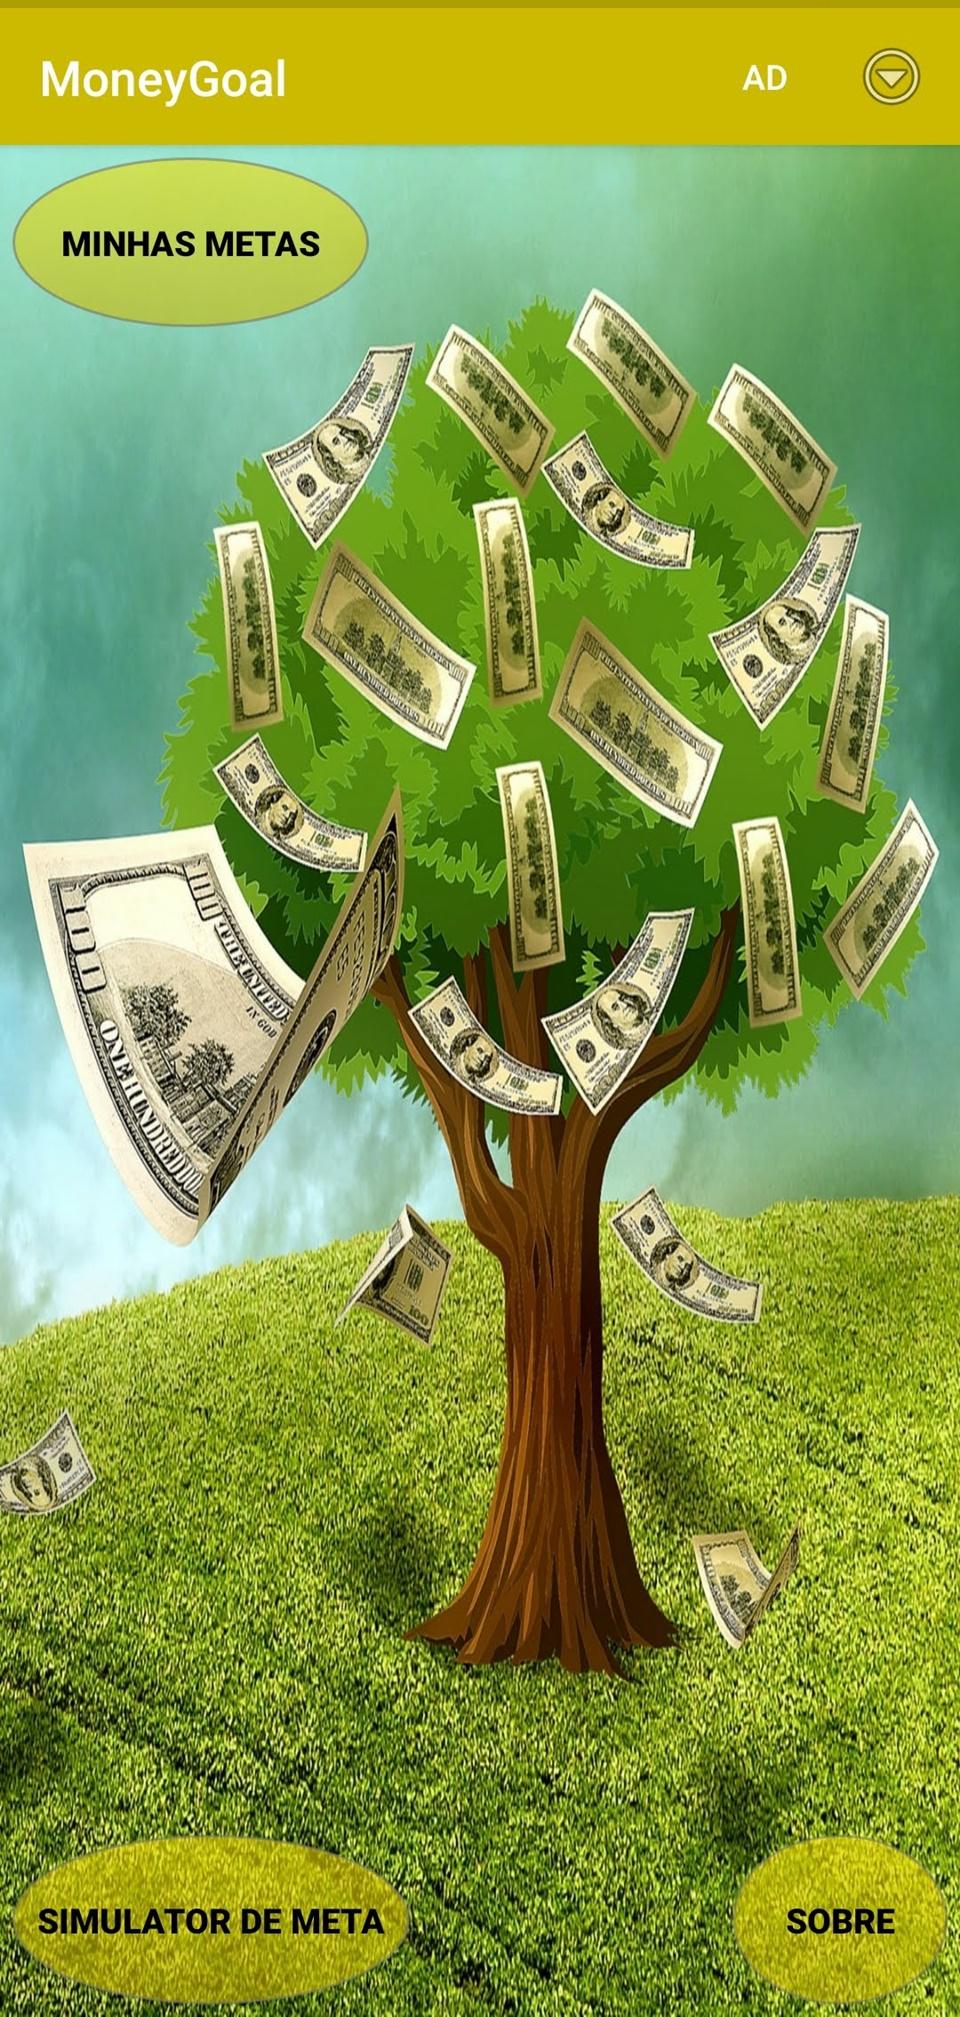 Metas de Dinheiro - Imagem 1 do software